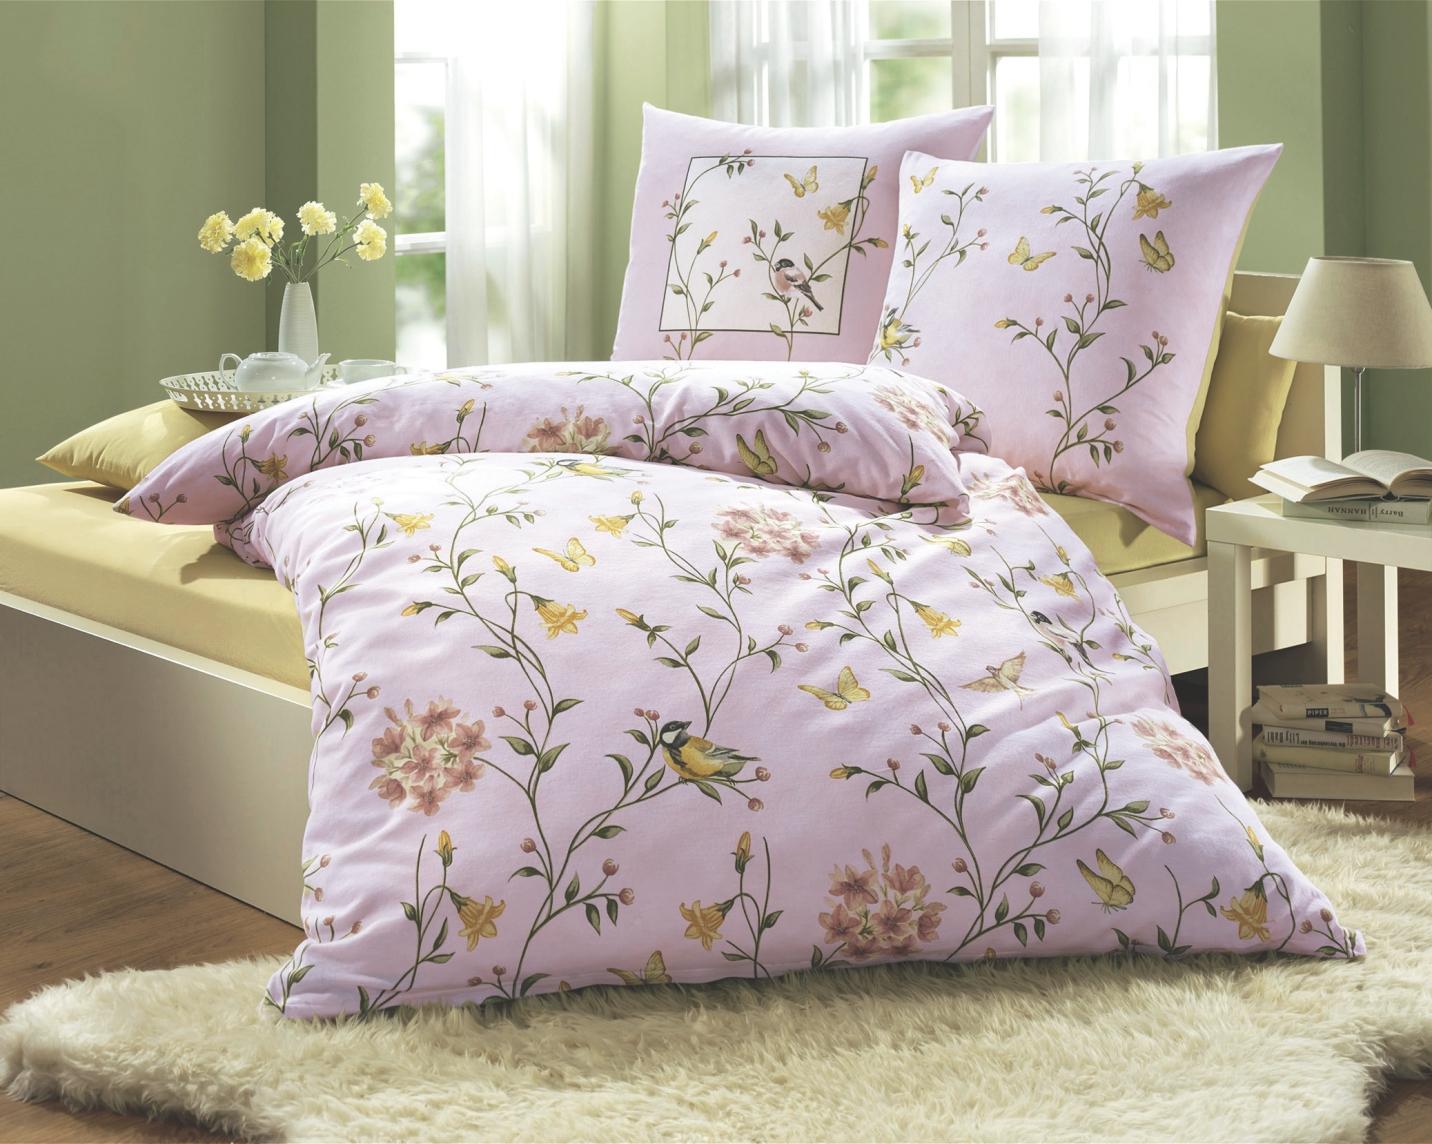 dobnig bettw sche garnitur verschiedene ausf hrungen bettw sche bader. Black Bedroom Furniture Sets. Home Design Ideas